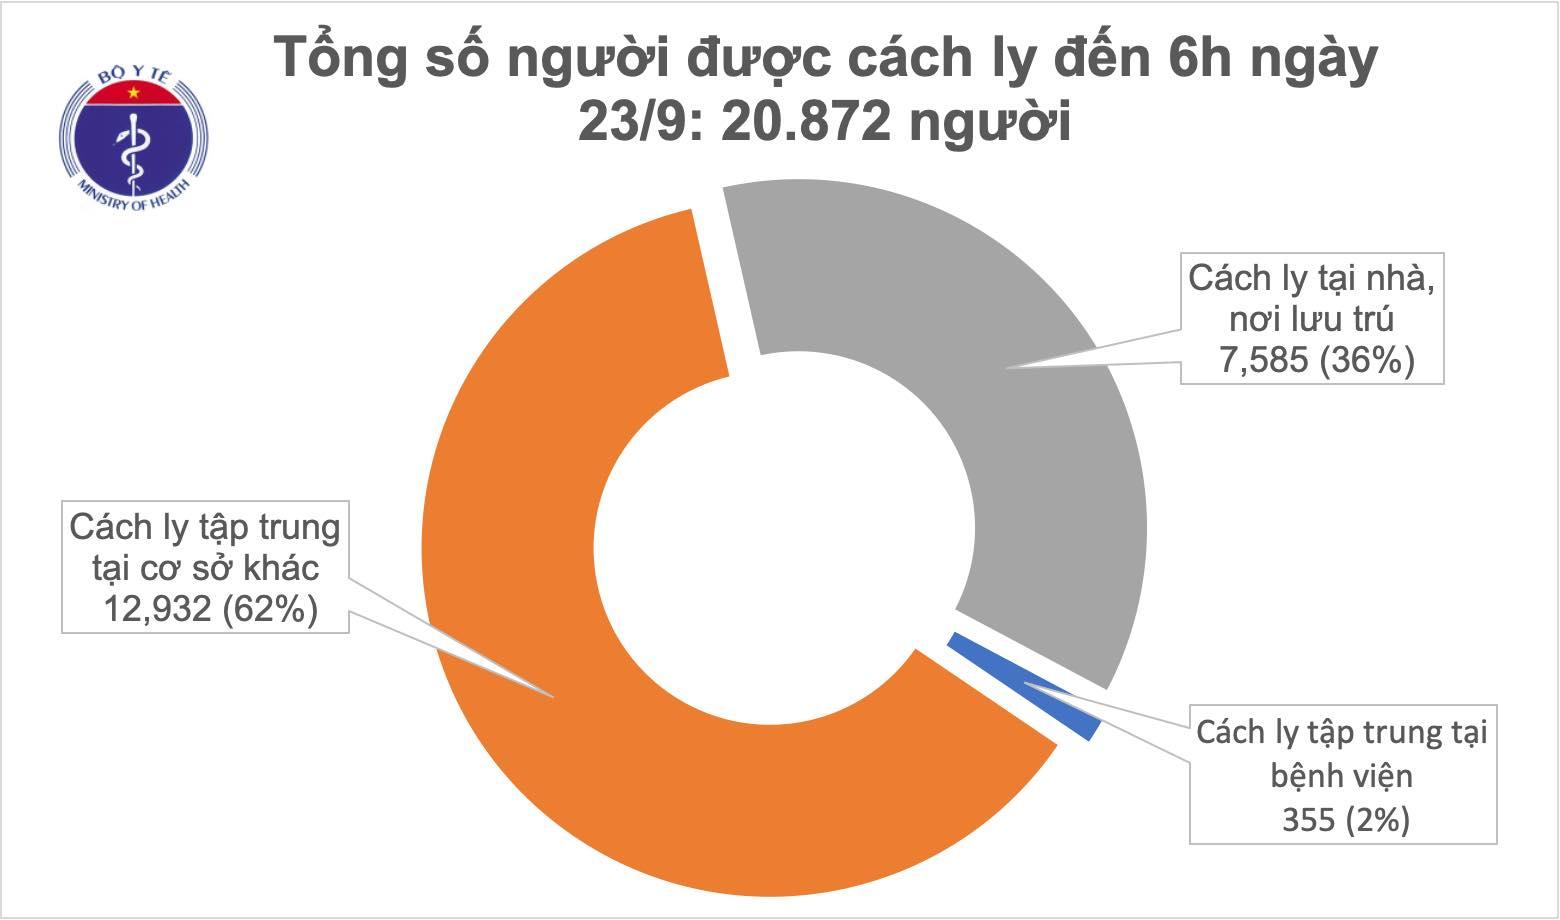 Ngày thứ 21 Việt Nam không ghi nhận ca mắc COVID-19 ở cộng đồng, đã có 980 bệnh nhân được chữa khỏi 0